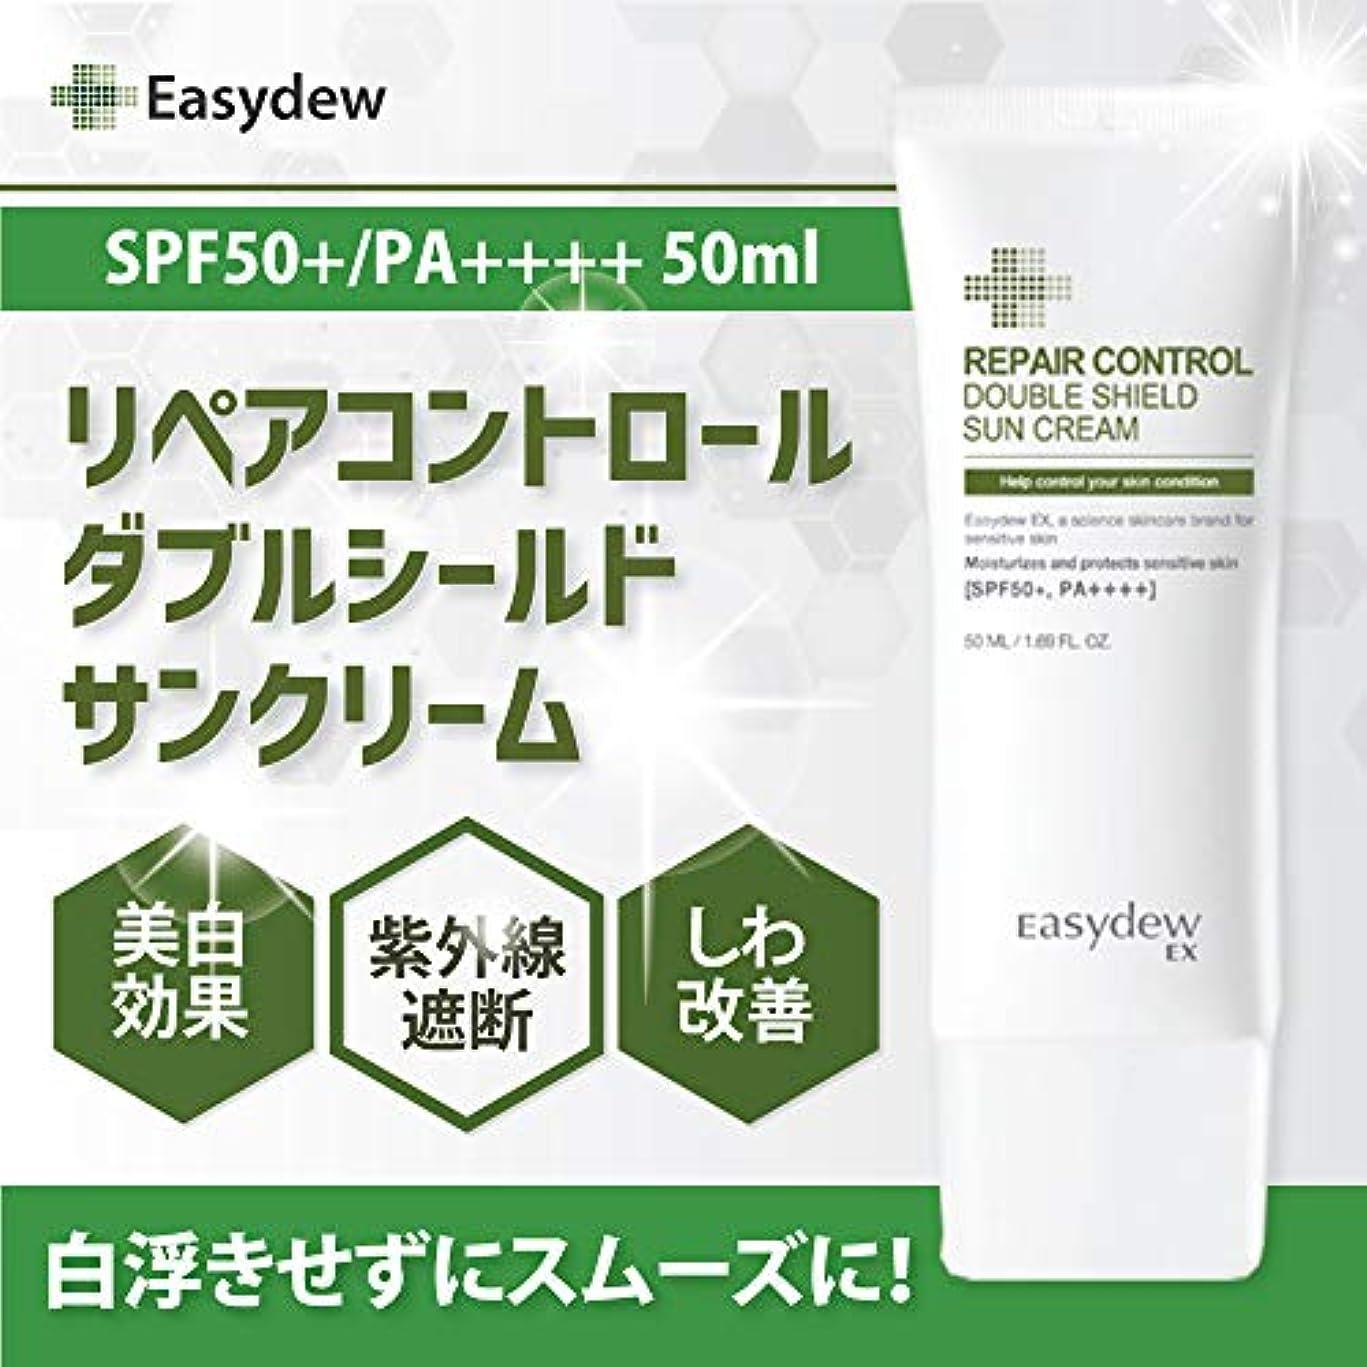 仮説エンジニア無駄にデウン製薬 リペア コントロール ダブル シールド サン?クリーム SPF50+/PA++++ 50ml. Repair Control Double Shild Sun Cream SPF50+/PA++++ 50ml.